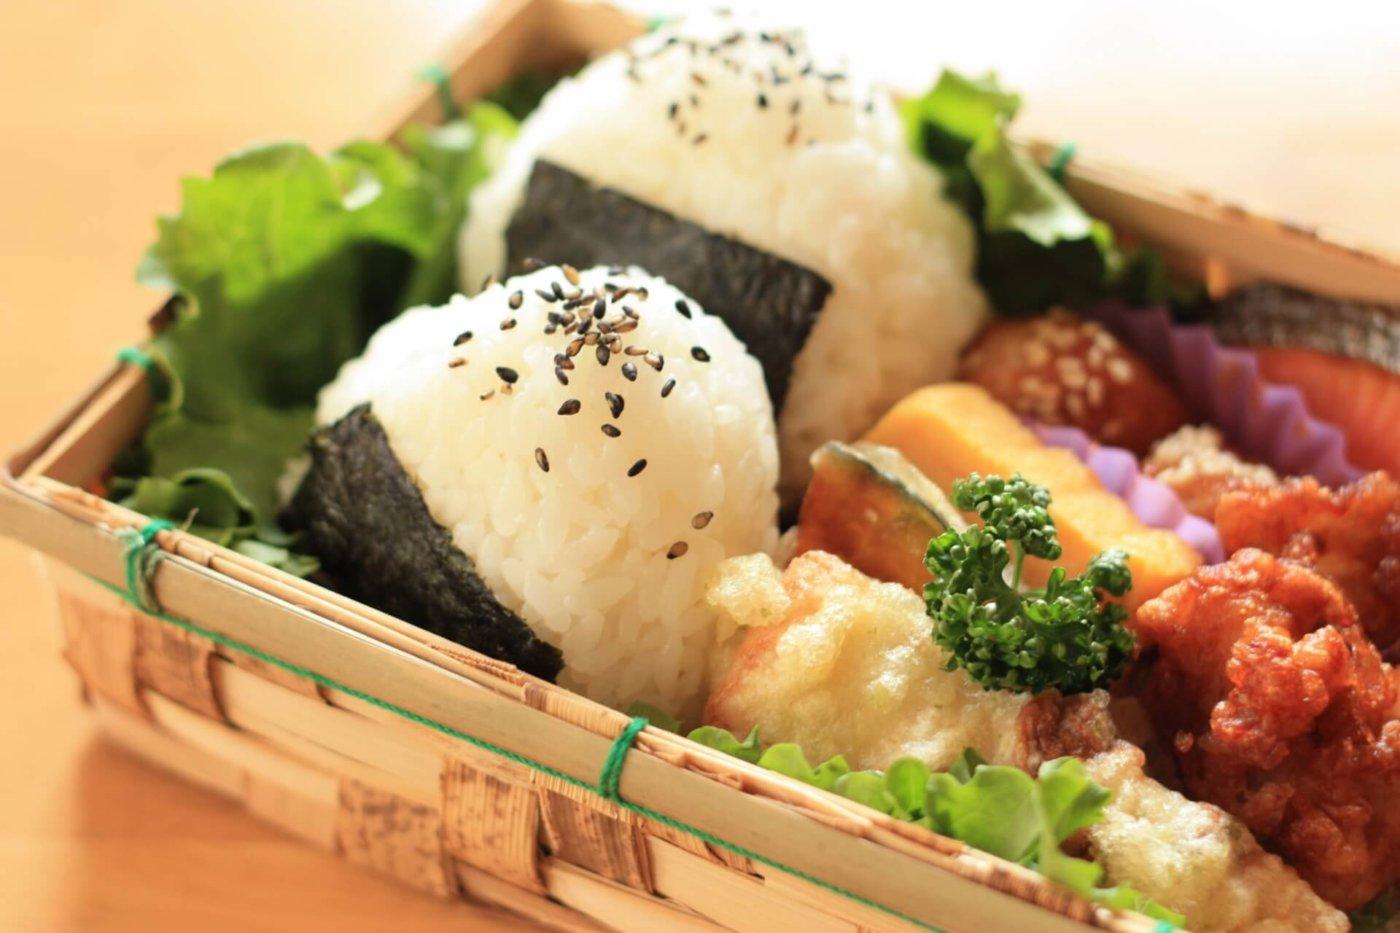 キモカワ「こびとづかん」のピクニックお弁当